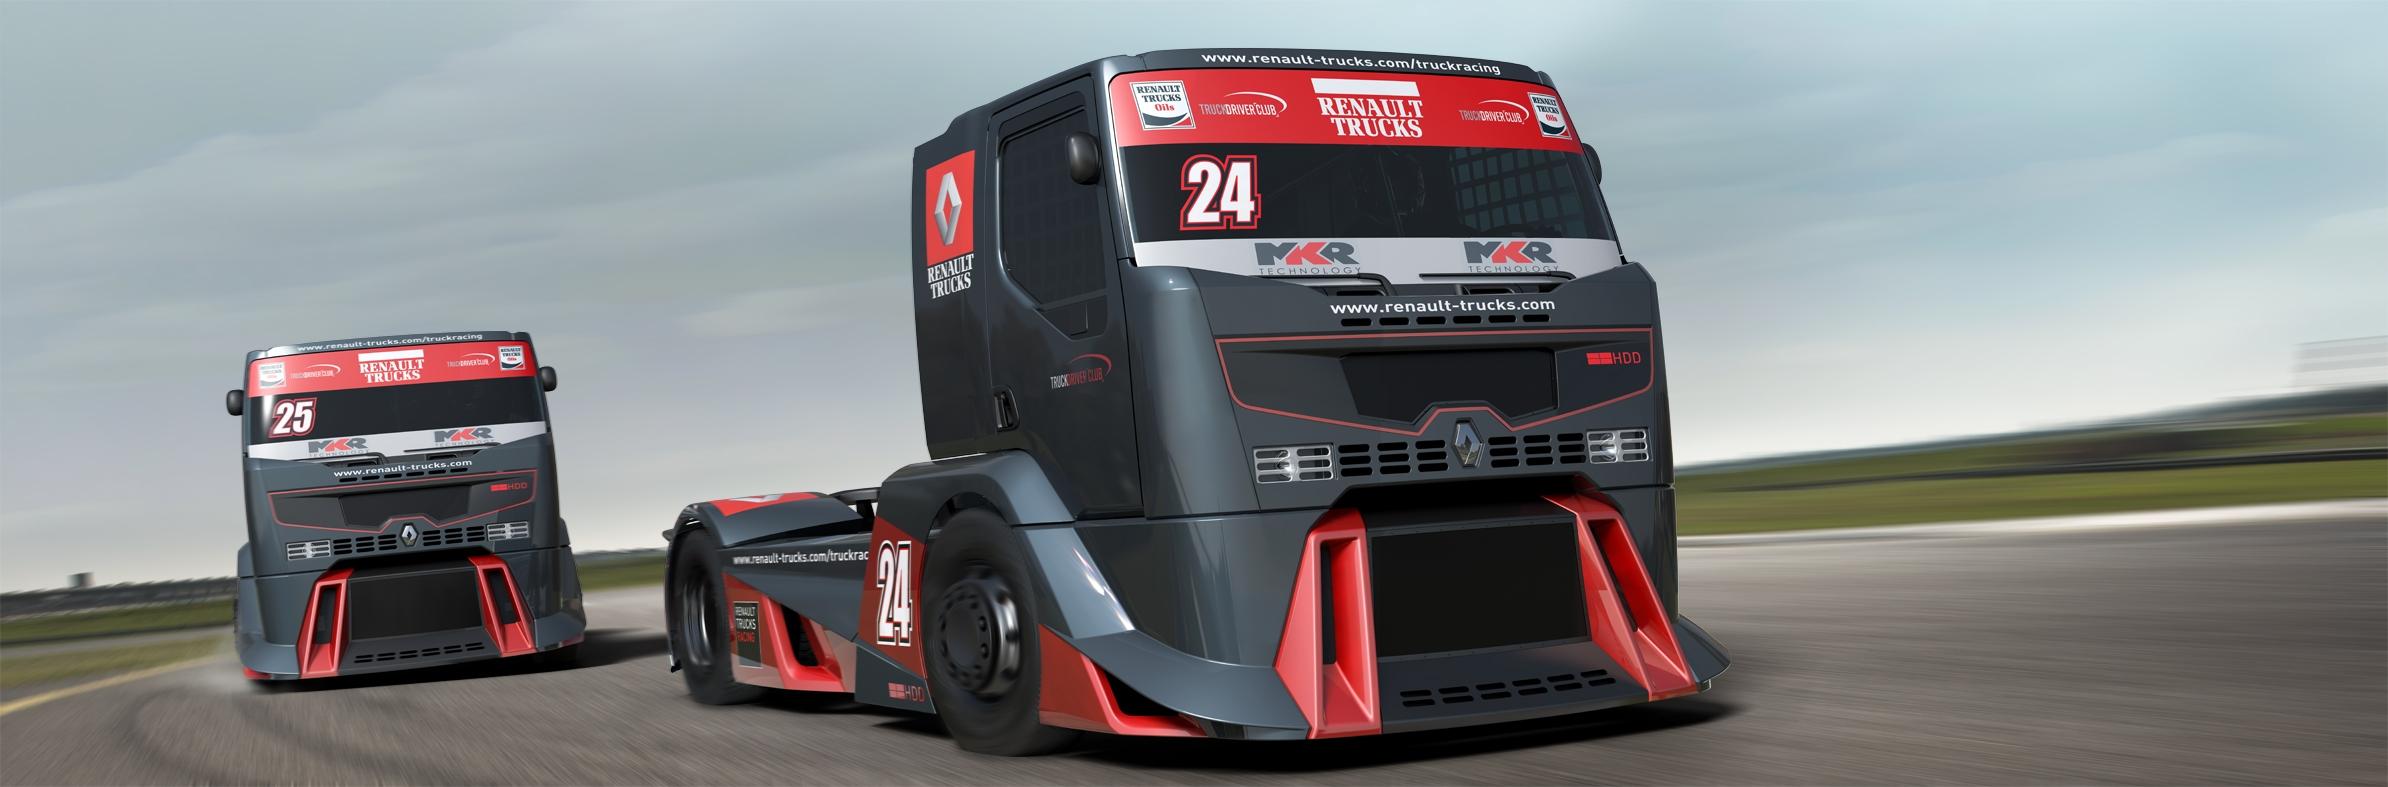 FlySlot: Le Renault Racing Truck pour le slot est annoncé